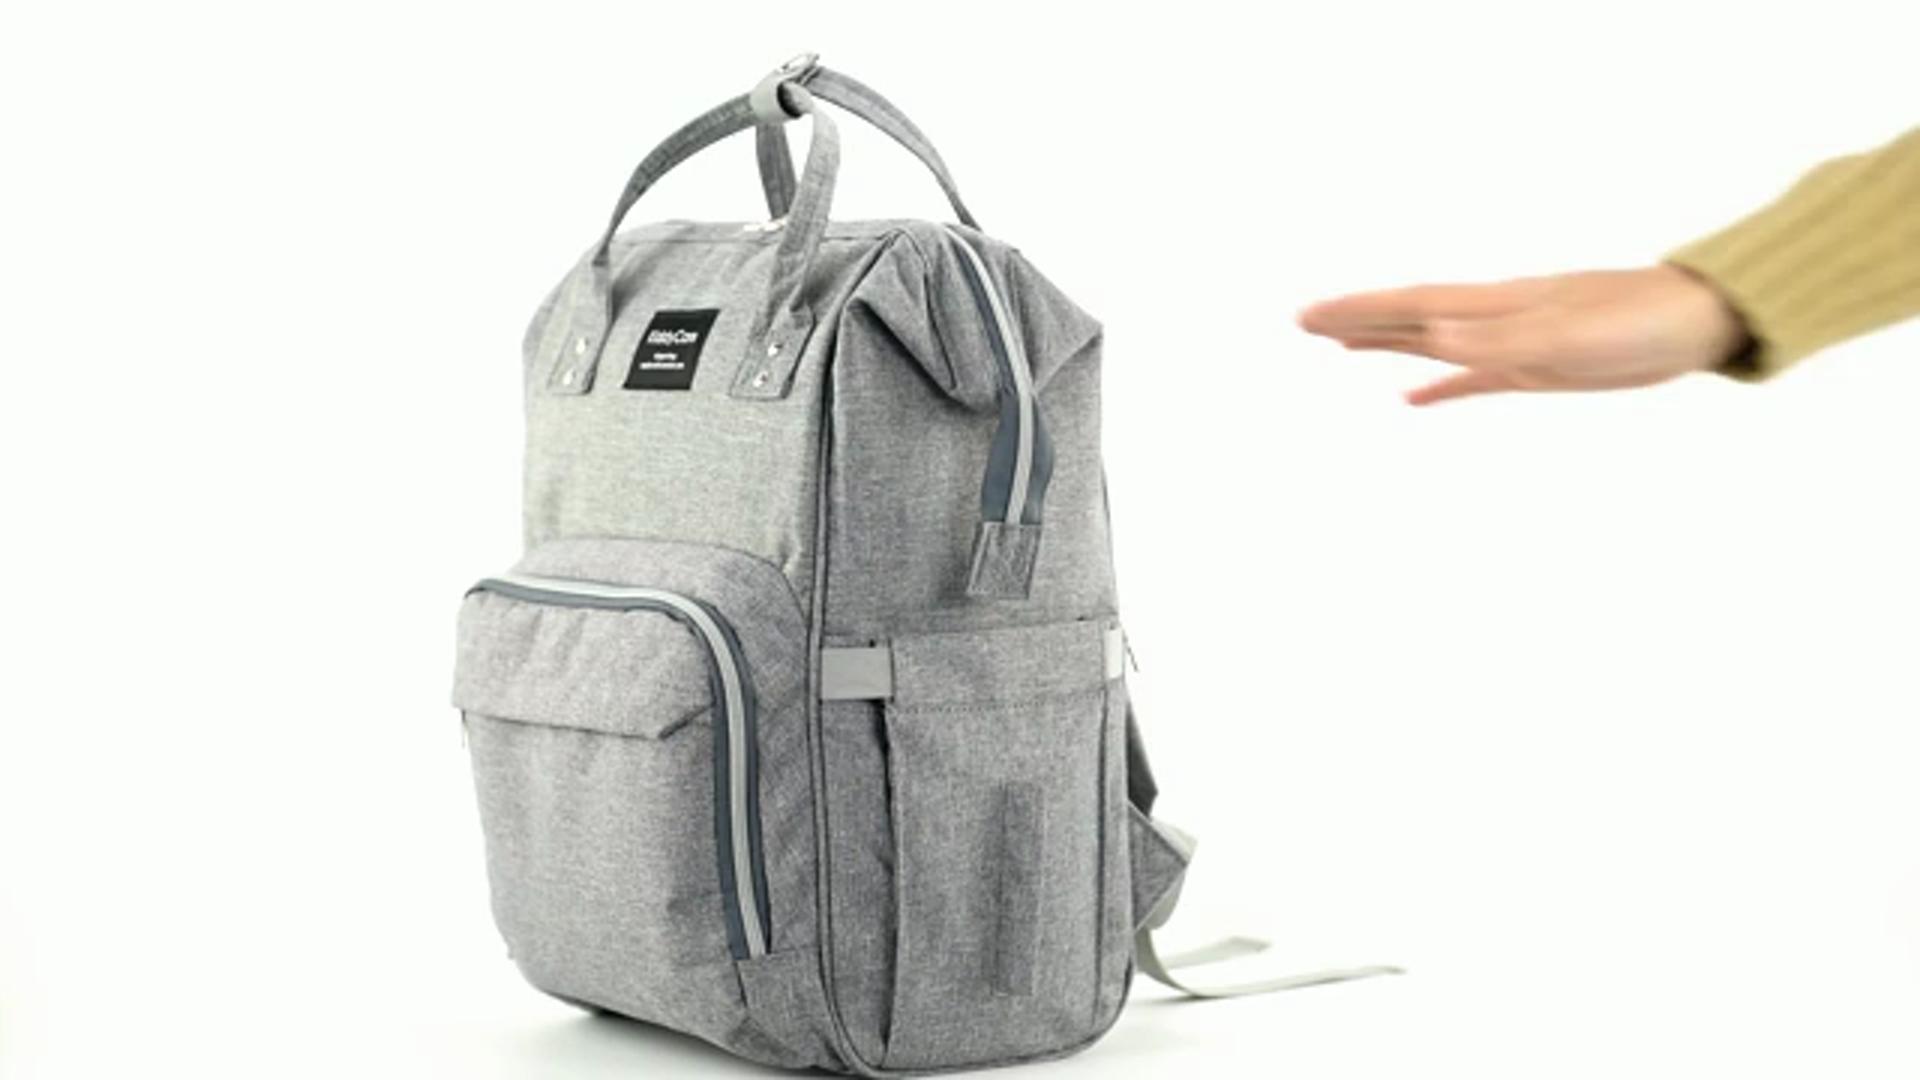 f9739f1a213b6 KiddyCare Diaper Bag Backpack